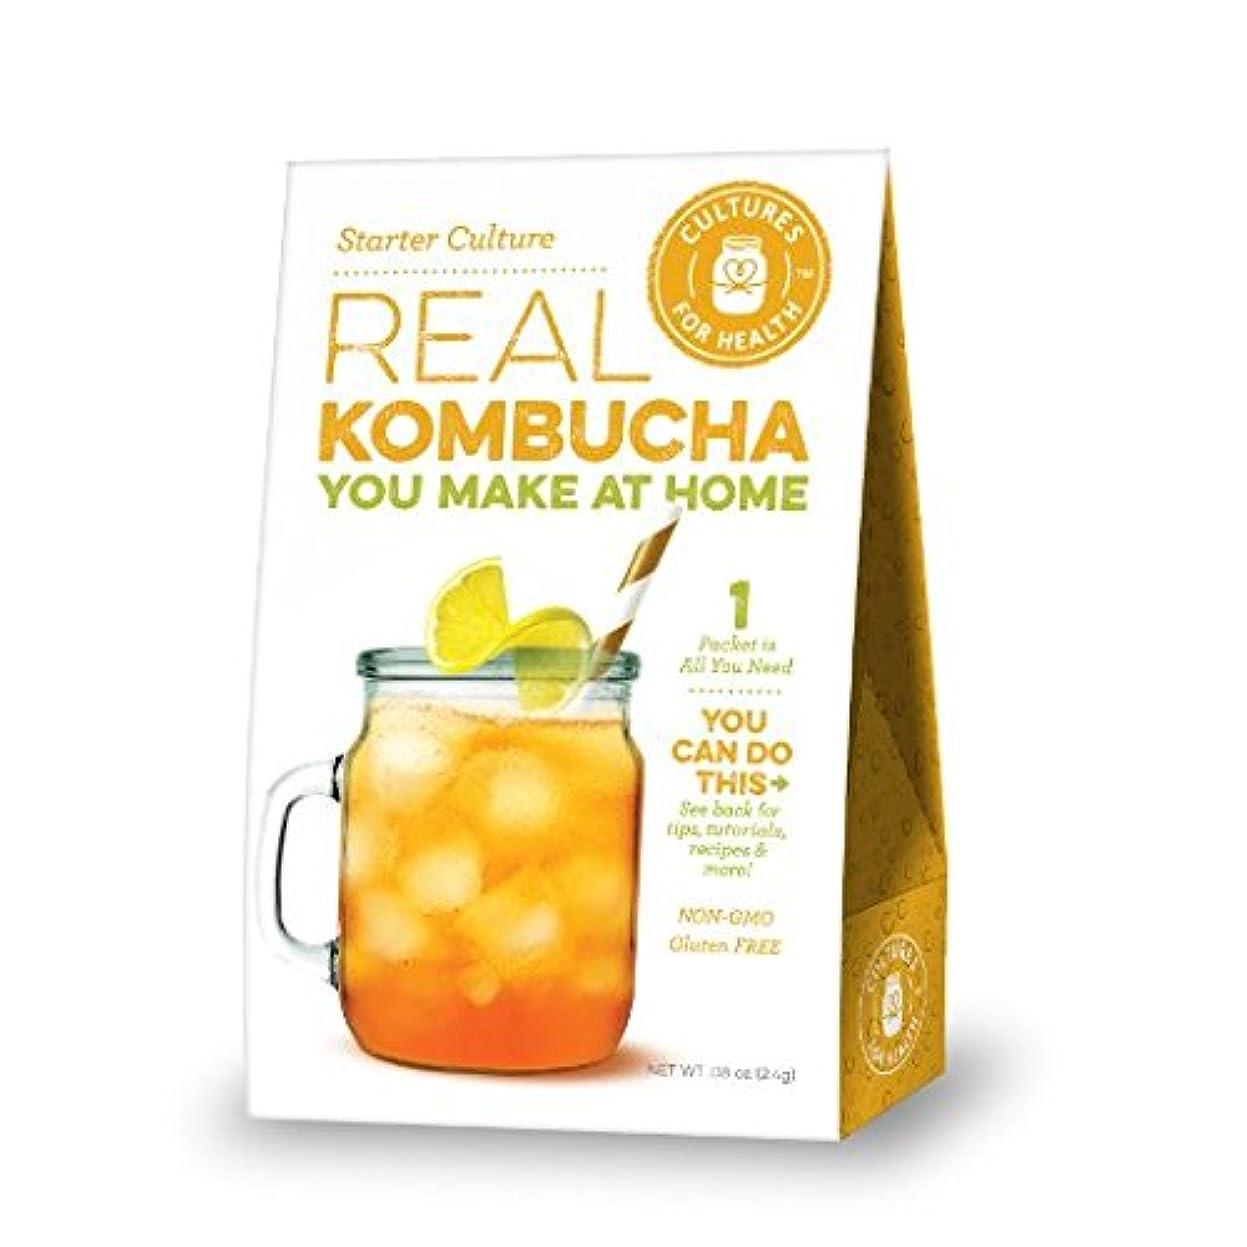 上にライラック翻訳する日本でも大ヒットのKombucha 紅茶キノコダイエット 日本非売品を並行輸入(海外直送品) (紅茶キノコをお家で培養(菌の販売) [並行輸入品]